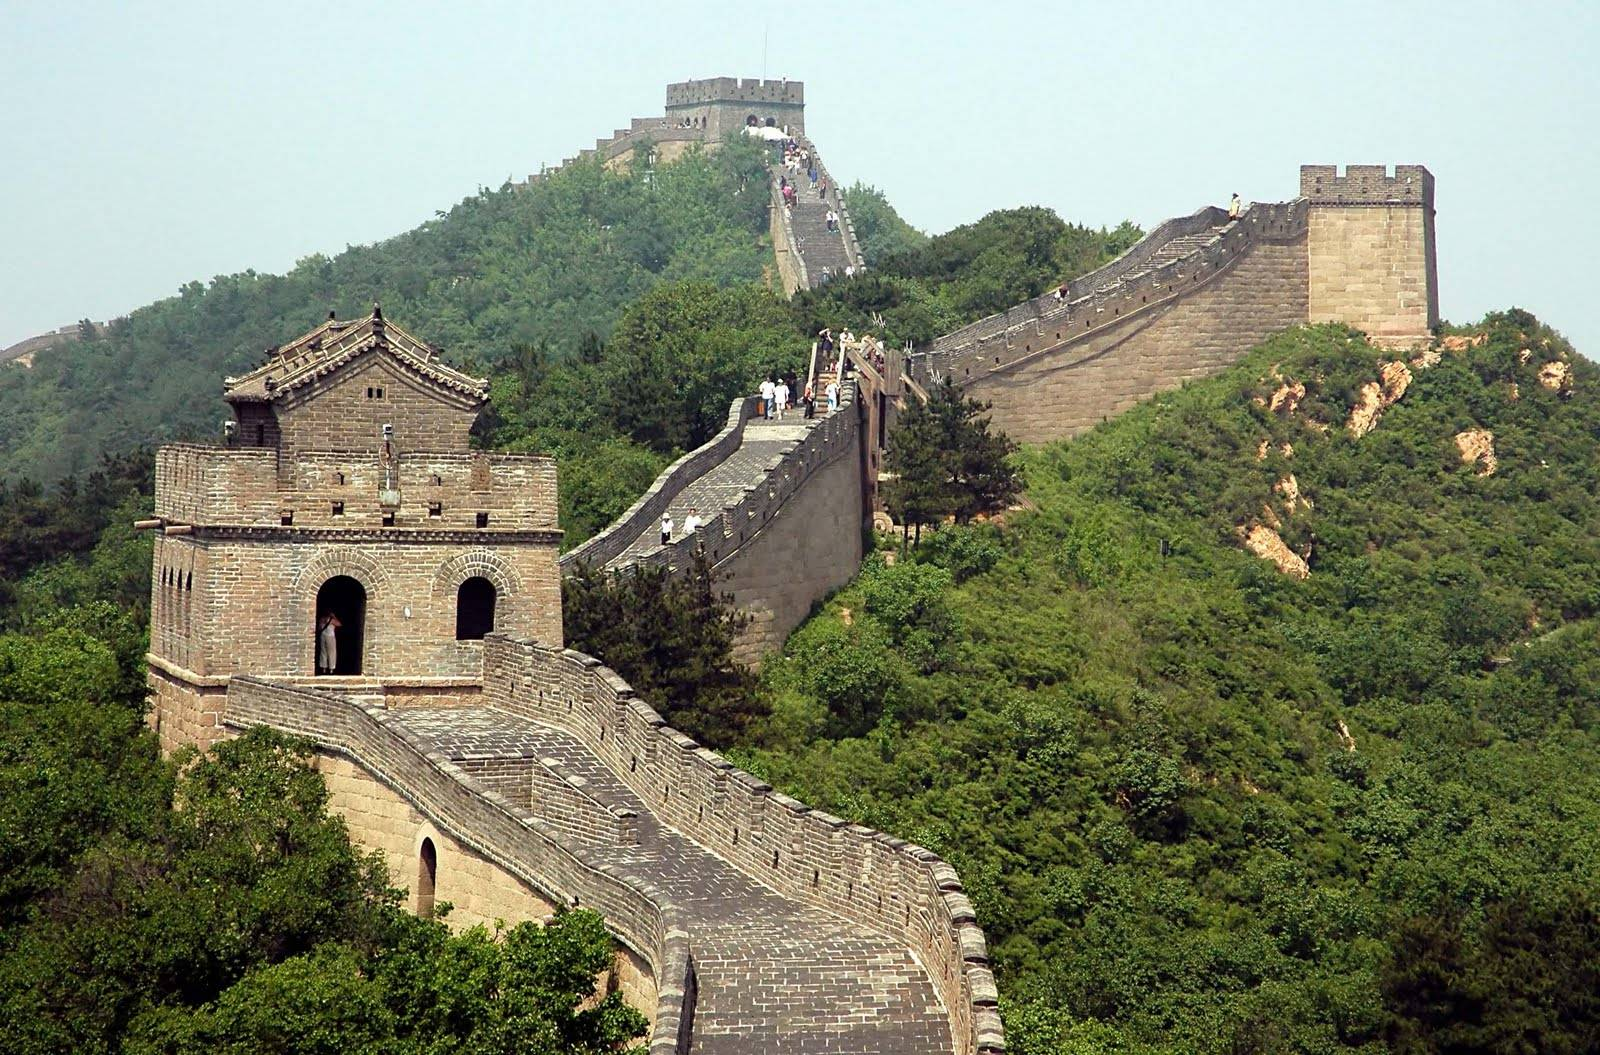 بكين تضع جدولا زمنيا لترميم سور الصين العظيم موقع الصين بعيون عربية